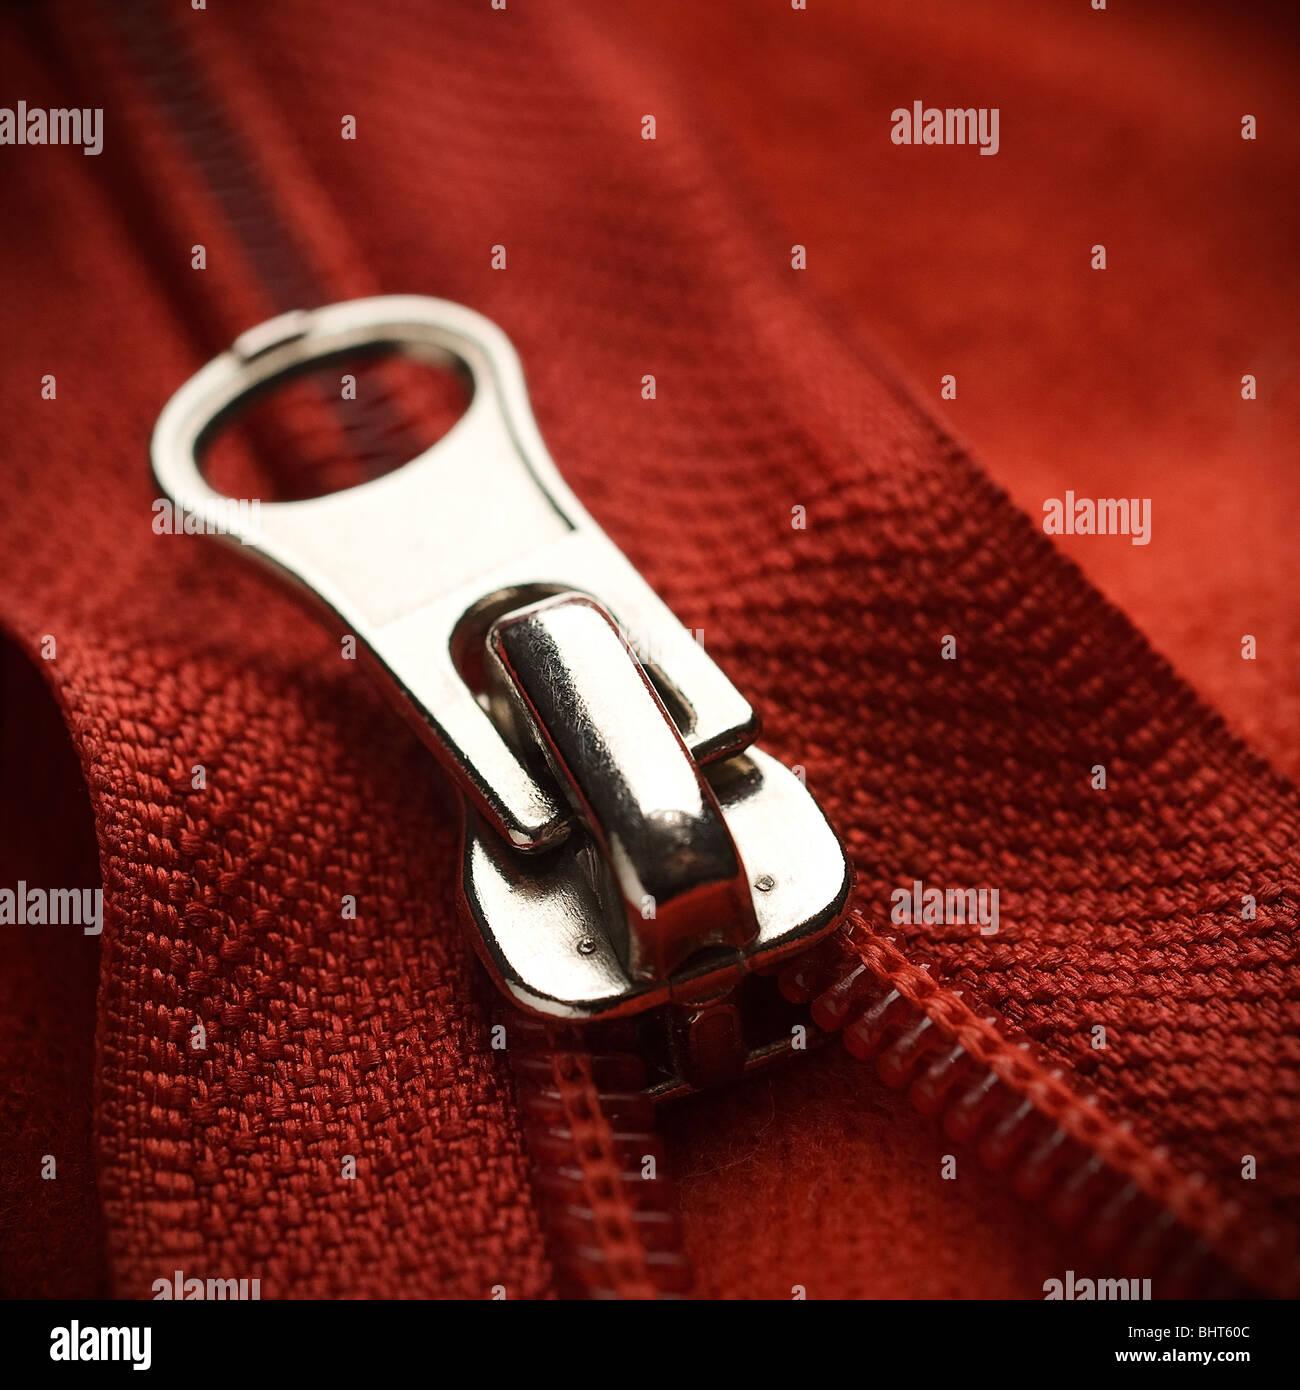 Primer plano de una cremallera roja Imagen De Stock